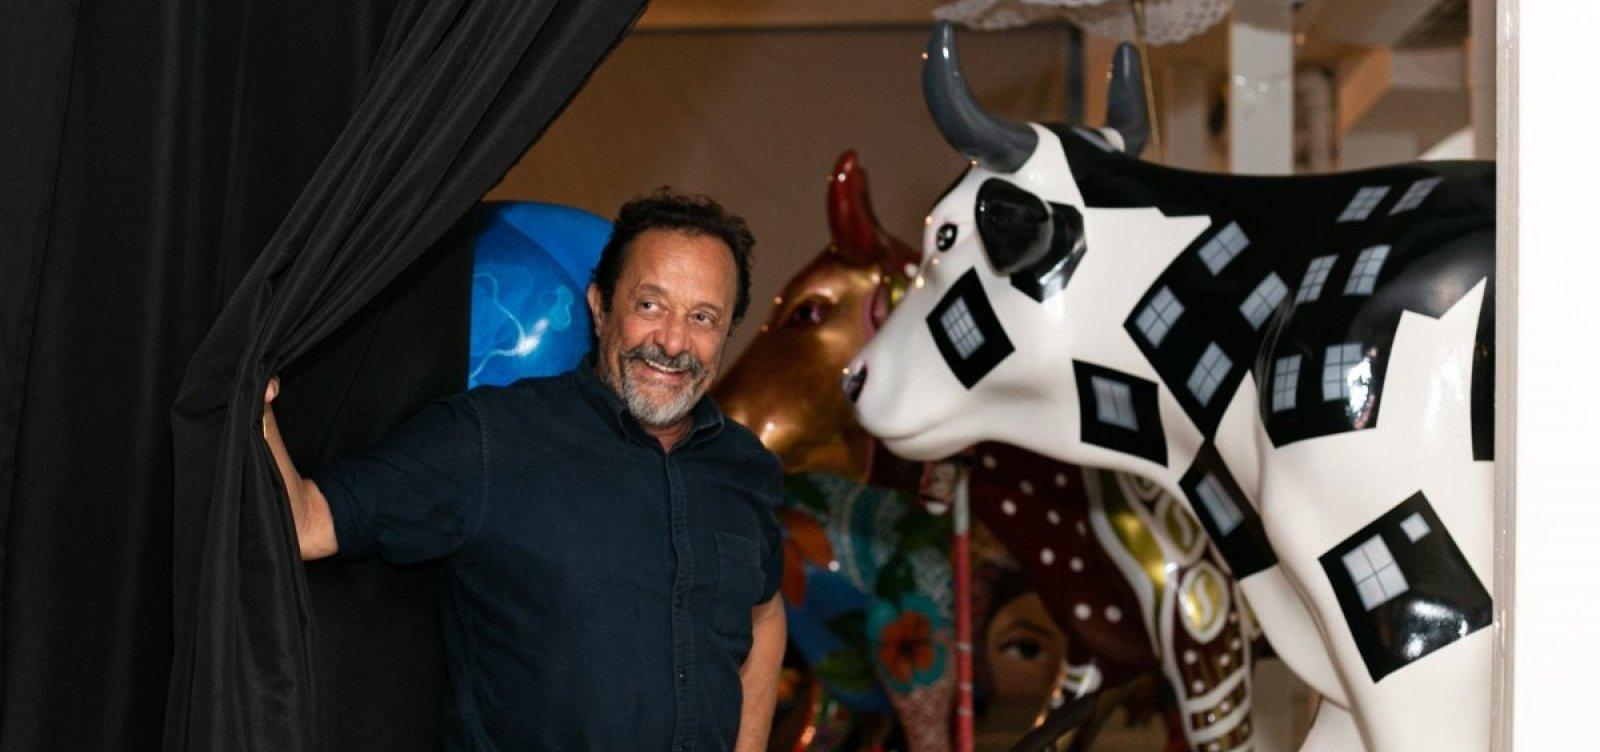 Leilão com vacas da CowParade arrecada R$ 165 mil na Bahia